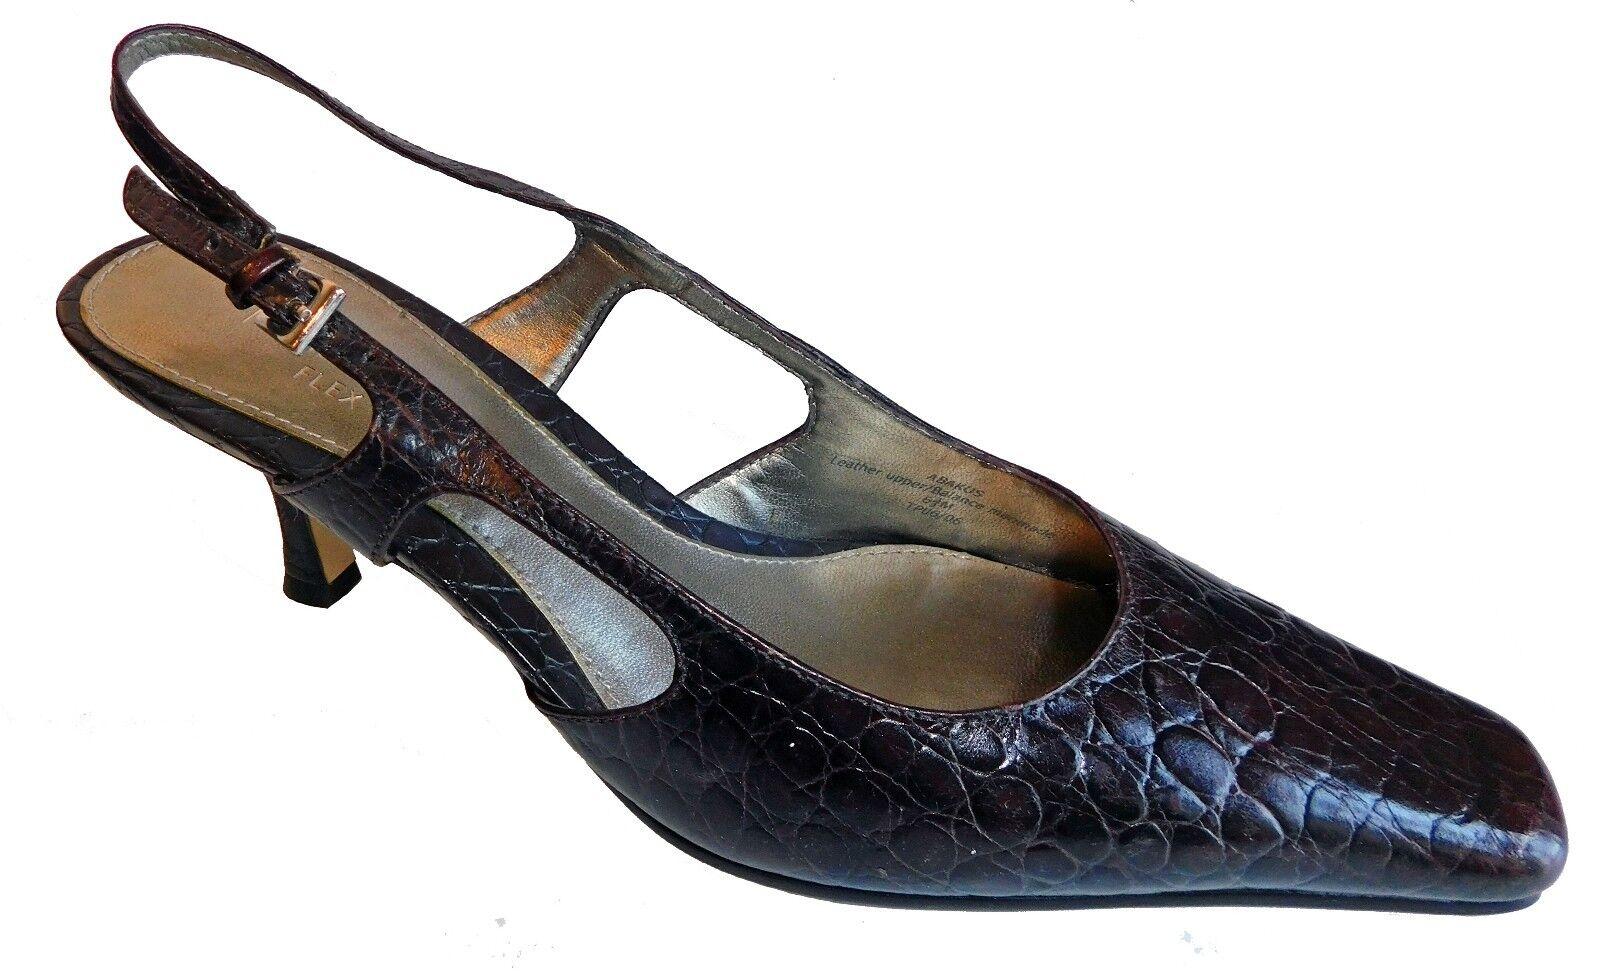 Liz Claiborne Flex ABAKUS Pumps Womens Leather Croc Slingback Pumps ABAKUS Heels Brown SZ 6.5 bd07a3